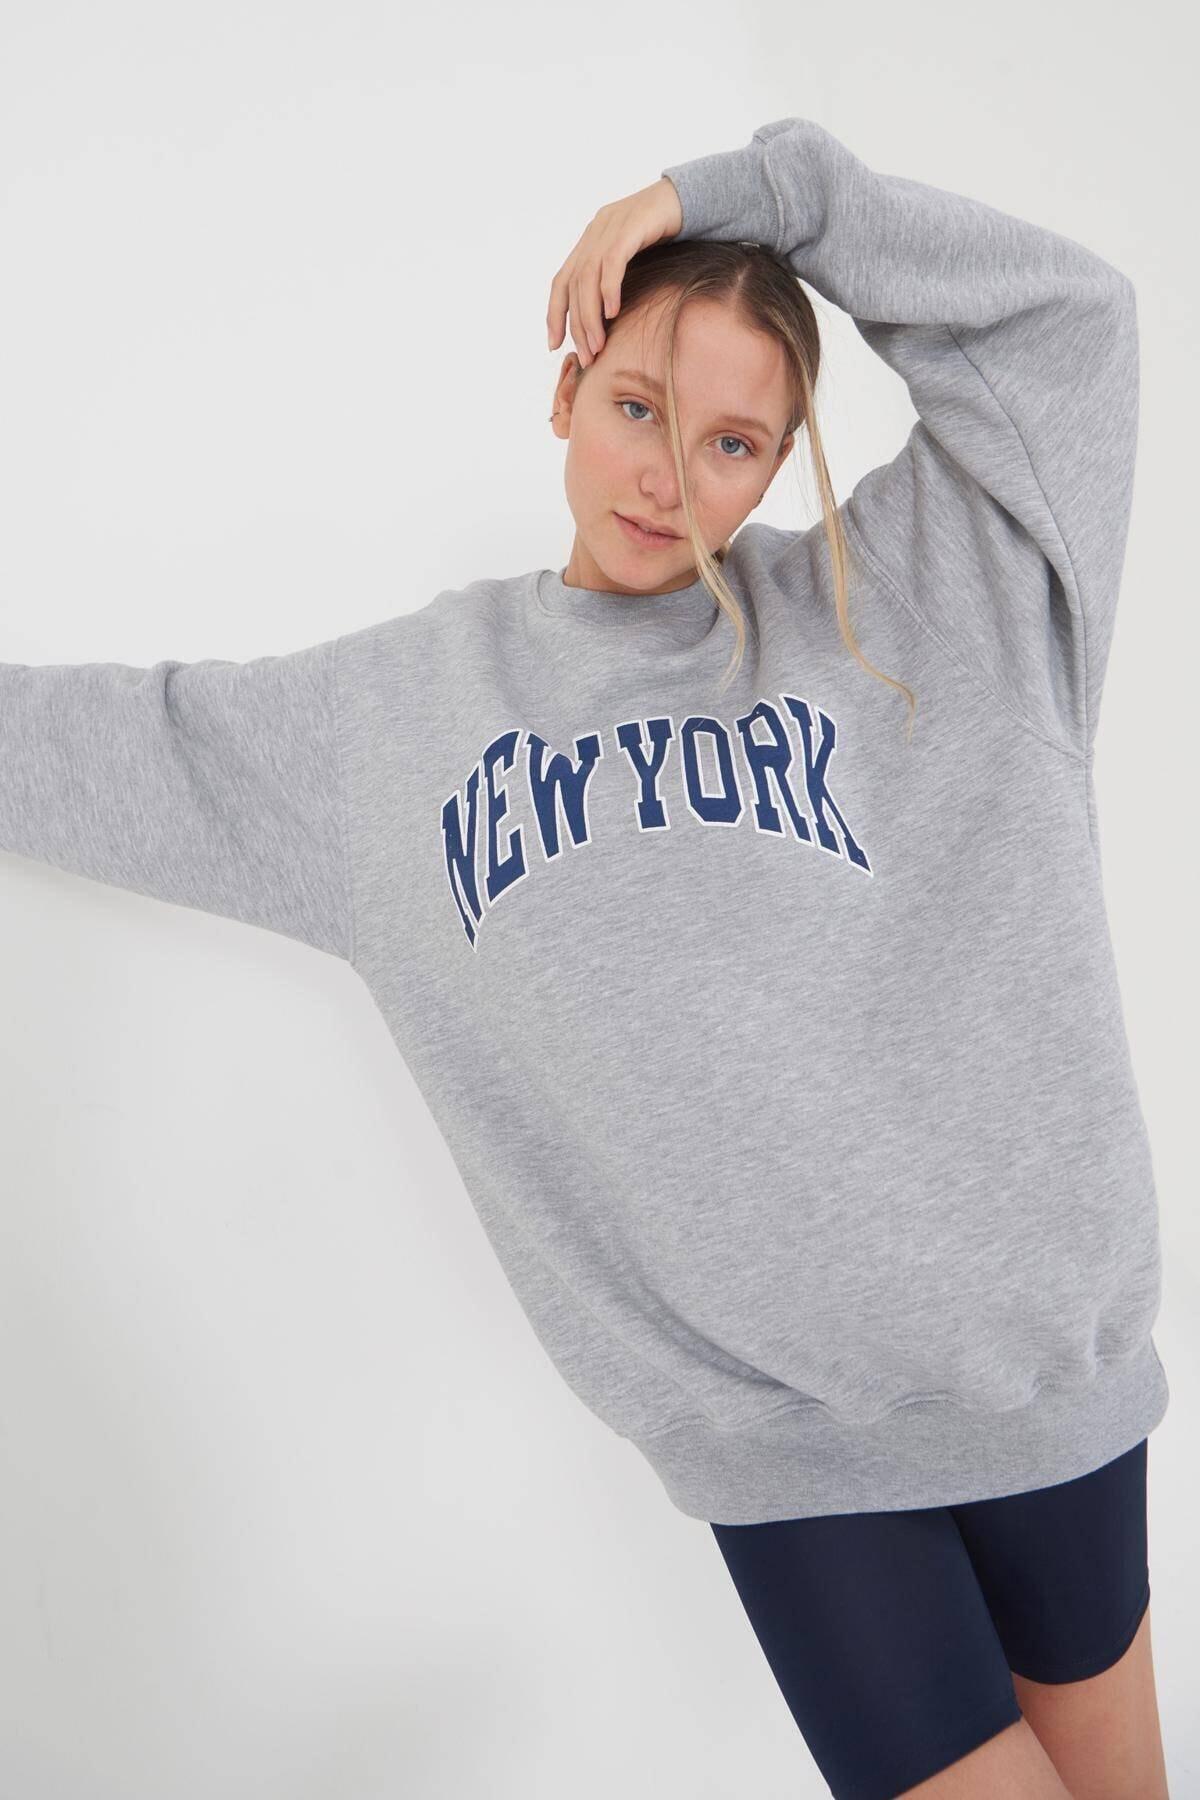 Kadın Gri Melanj Yazı Detaylı Sweatshirt S9529 - L6 Adx-0000023812